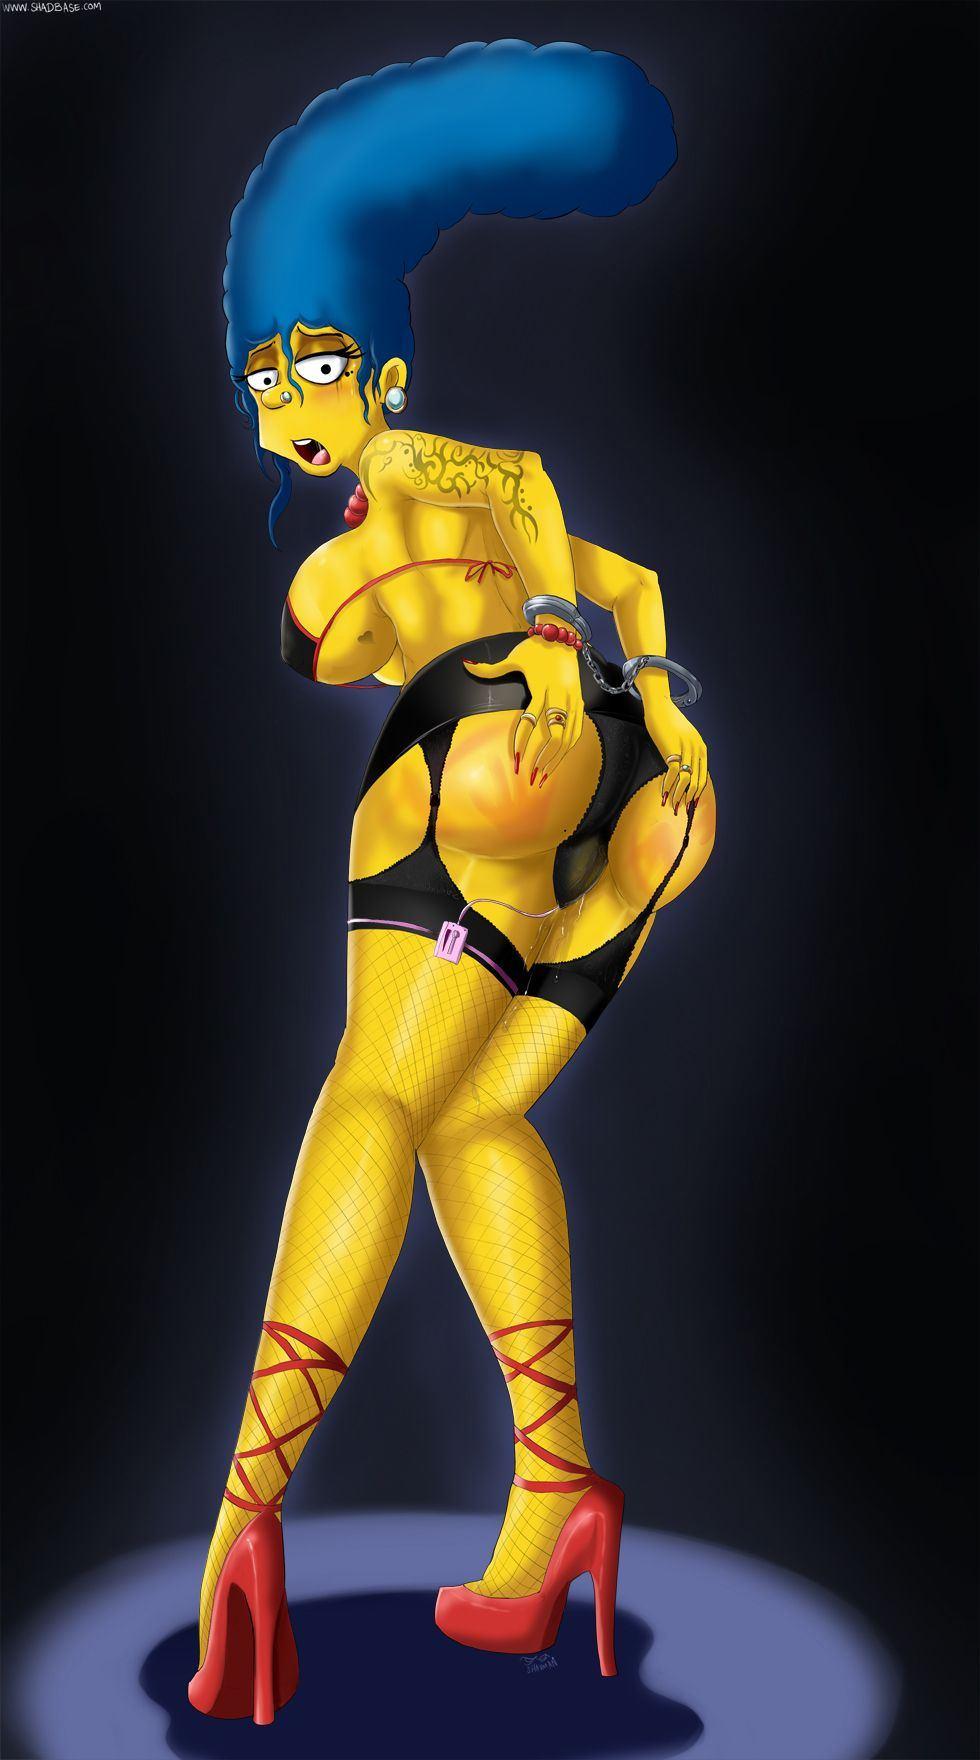 Soda P. reccomend Milf self requested spankings